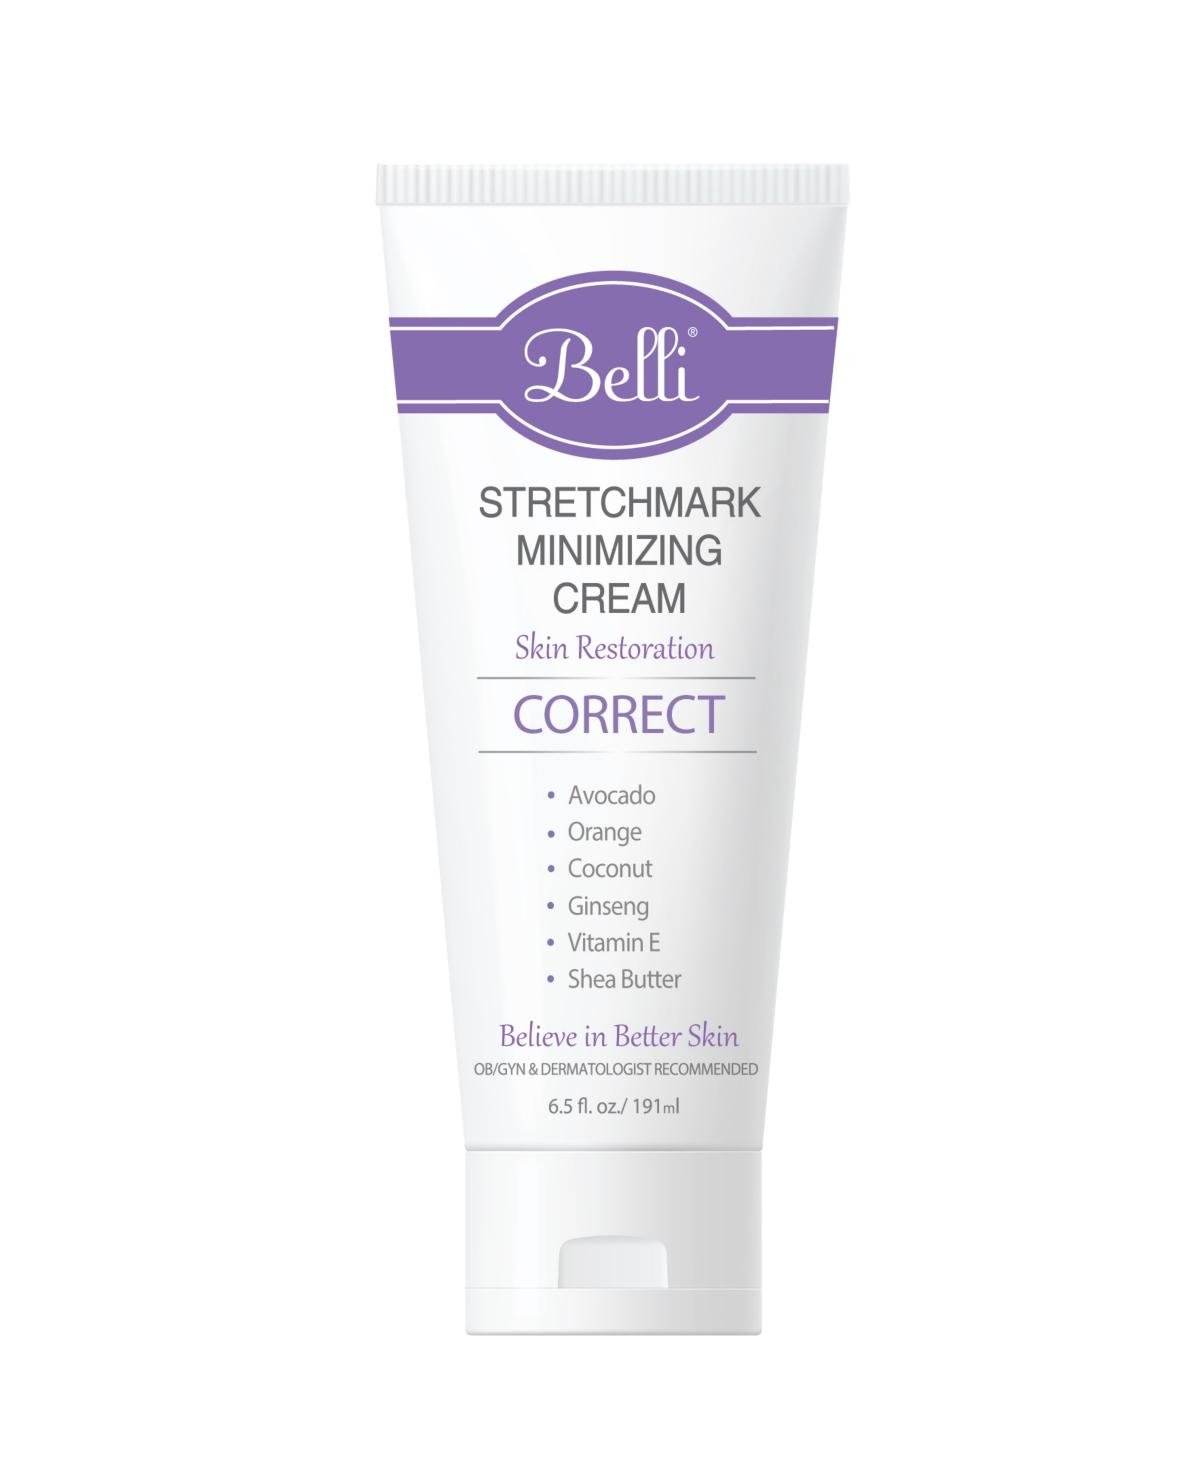 Belli Skin Care Stretchmark Minimizing Cream, 6.5 fl oz